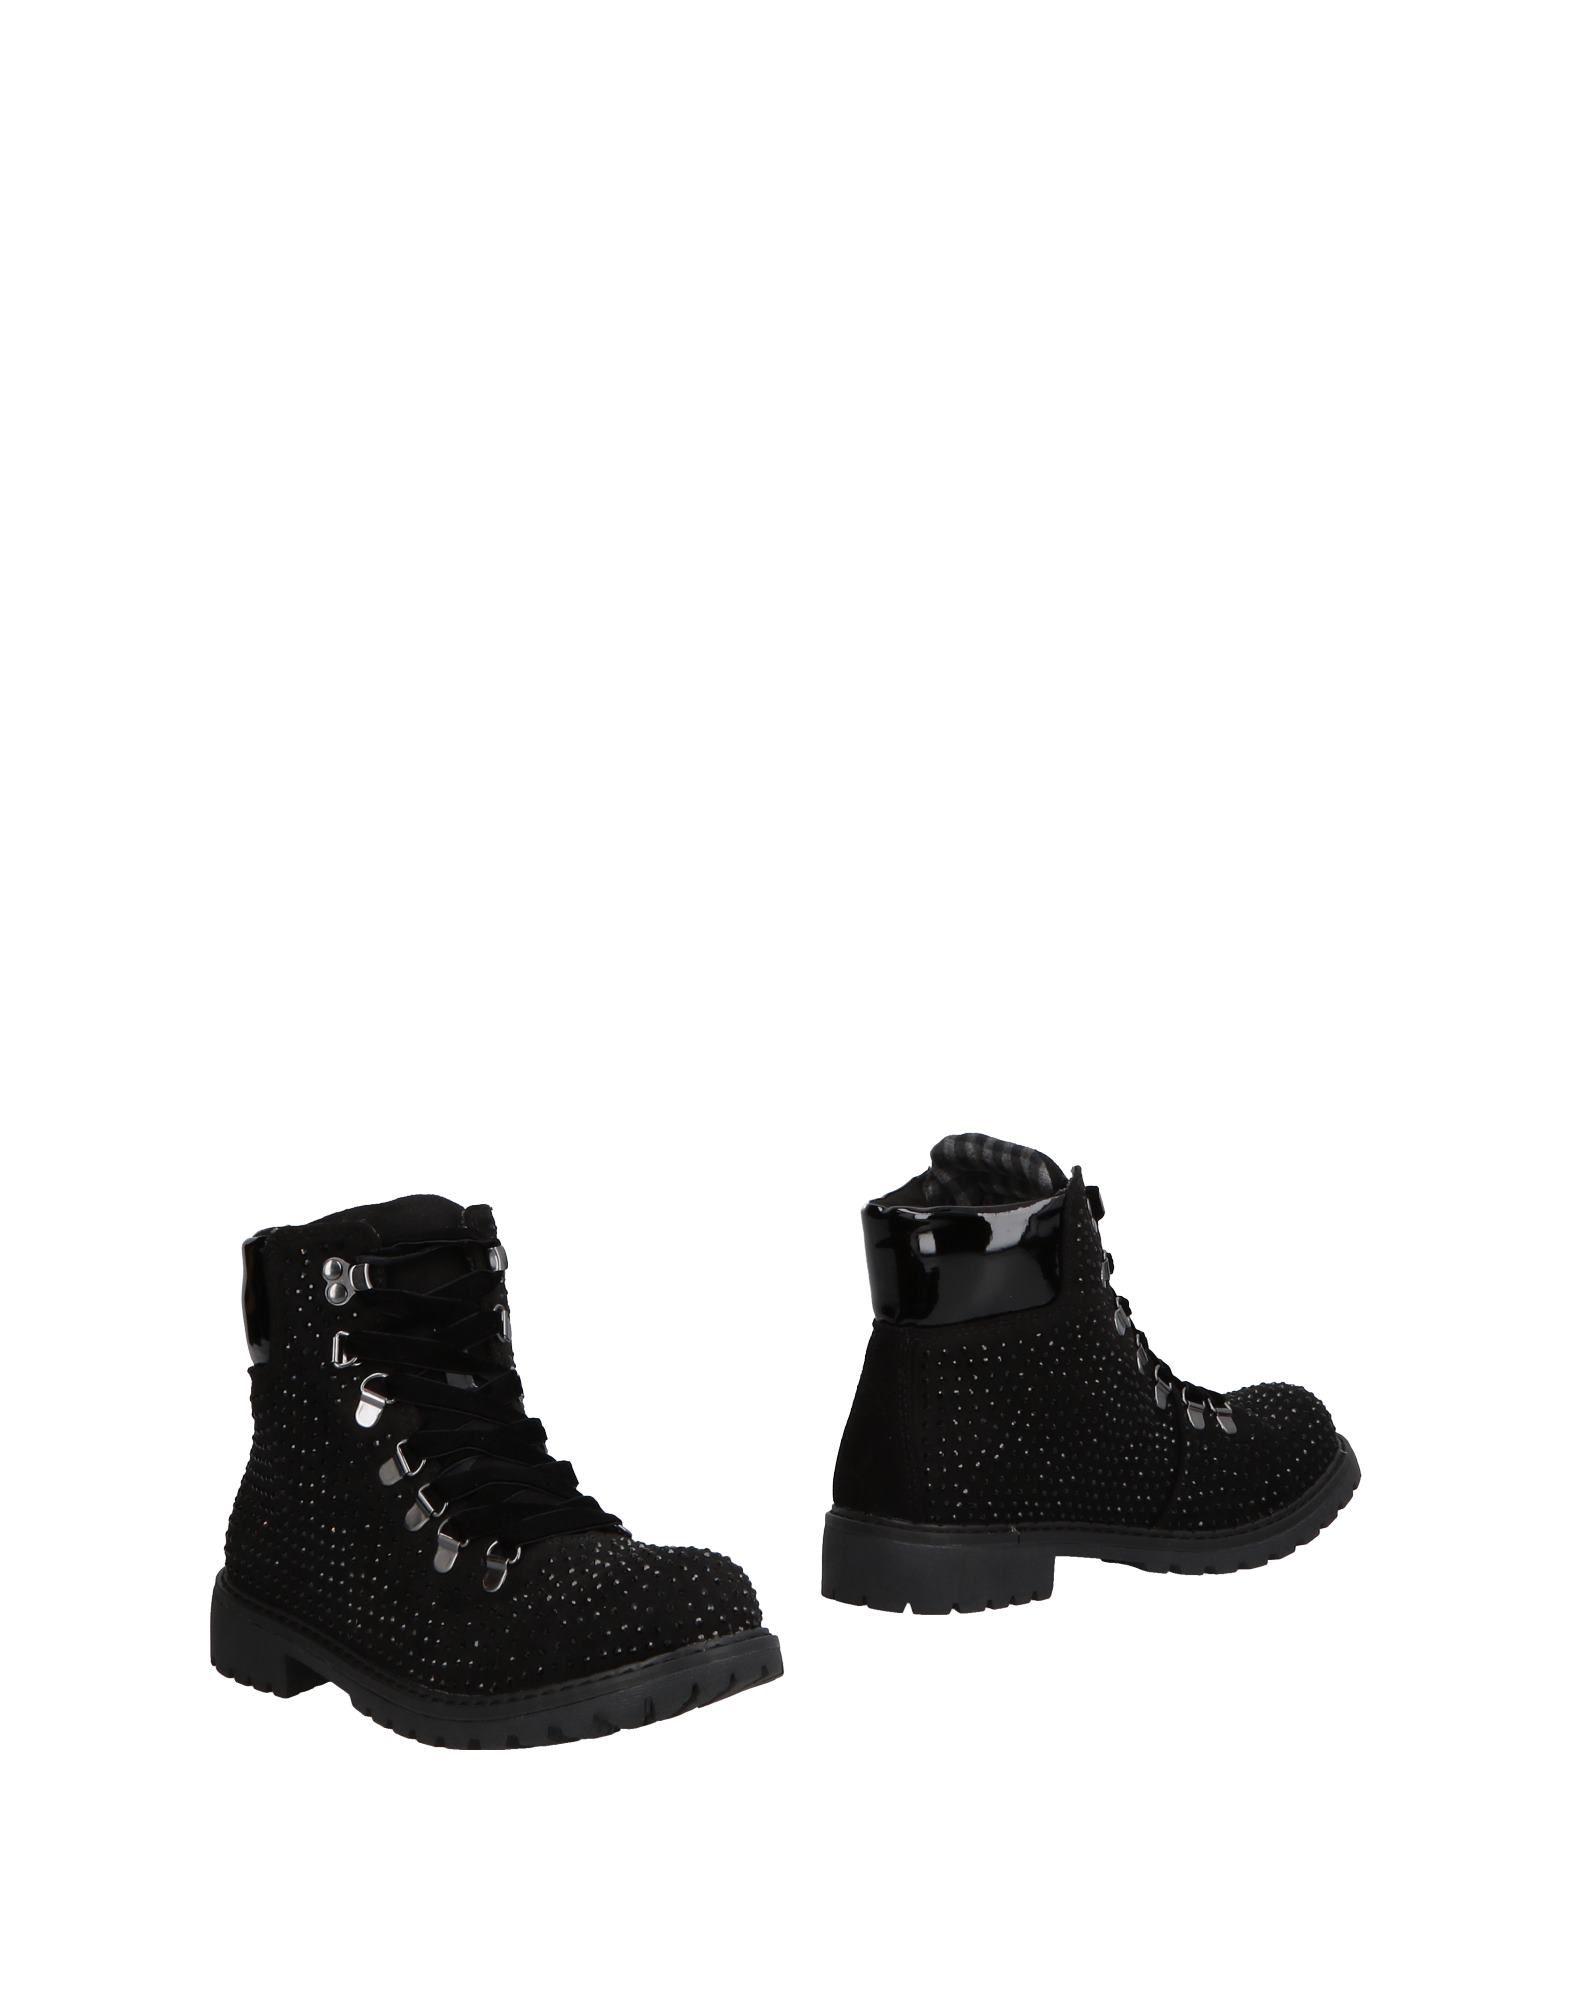 Laura Biagiotti Stiefelette Damen beliebte  11504590WA Gute Qualität beliebte Damen Schuhe eb90d0